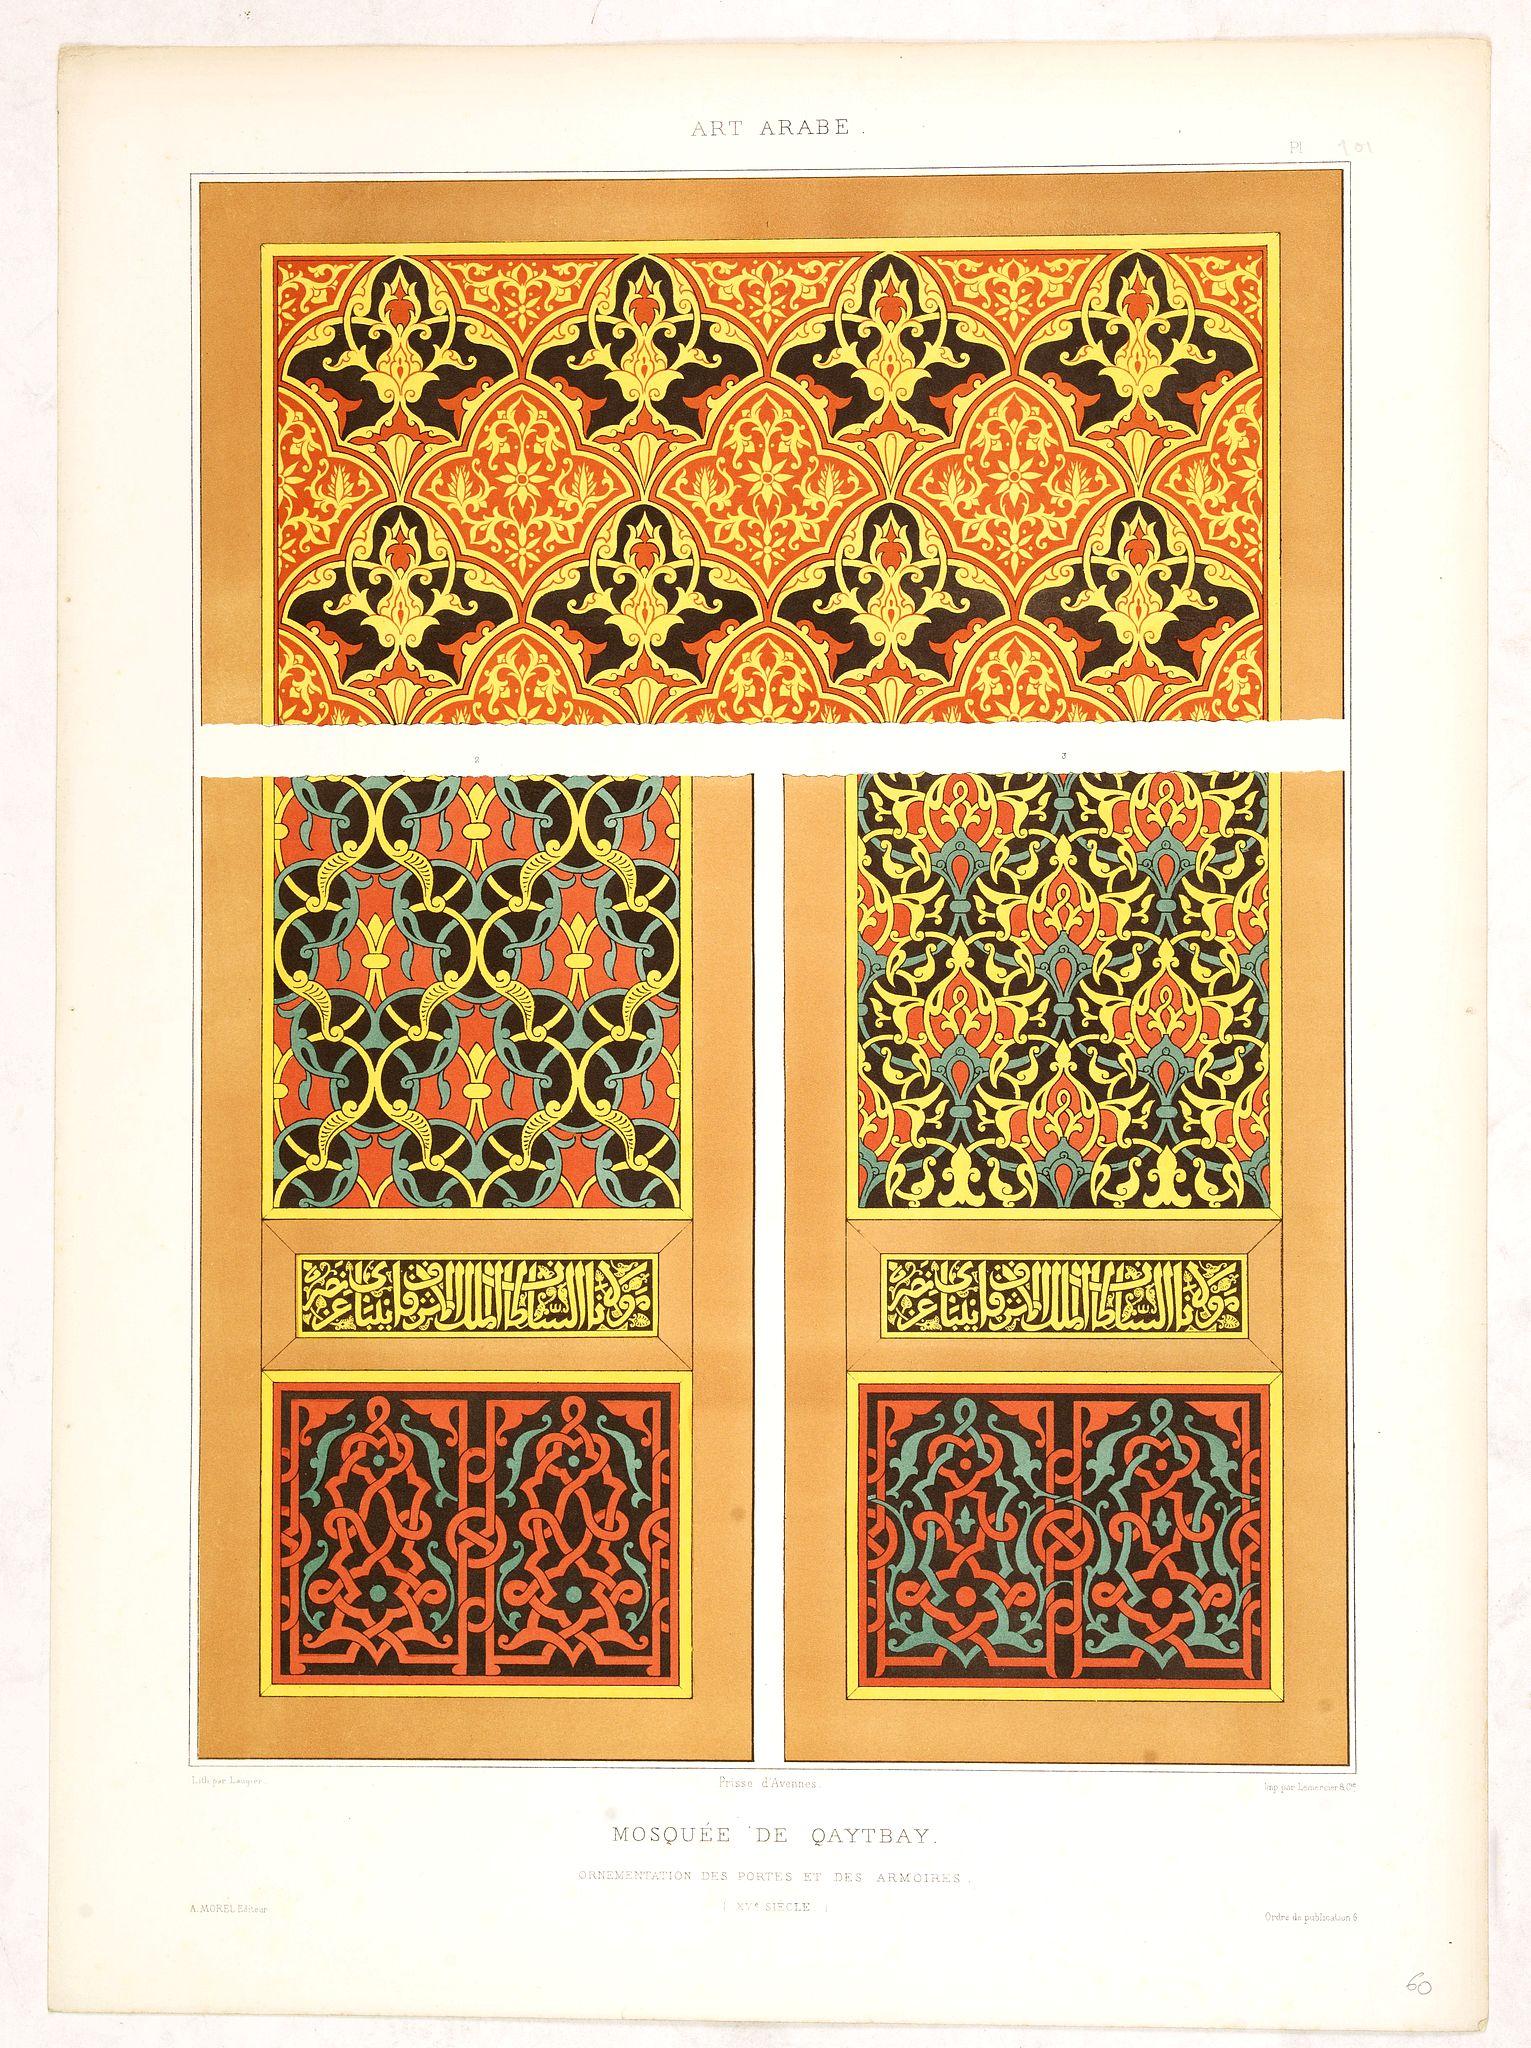 PRISSE D'AVENNES, E. -  Art arabe. - Mosquée de Qaytbay.